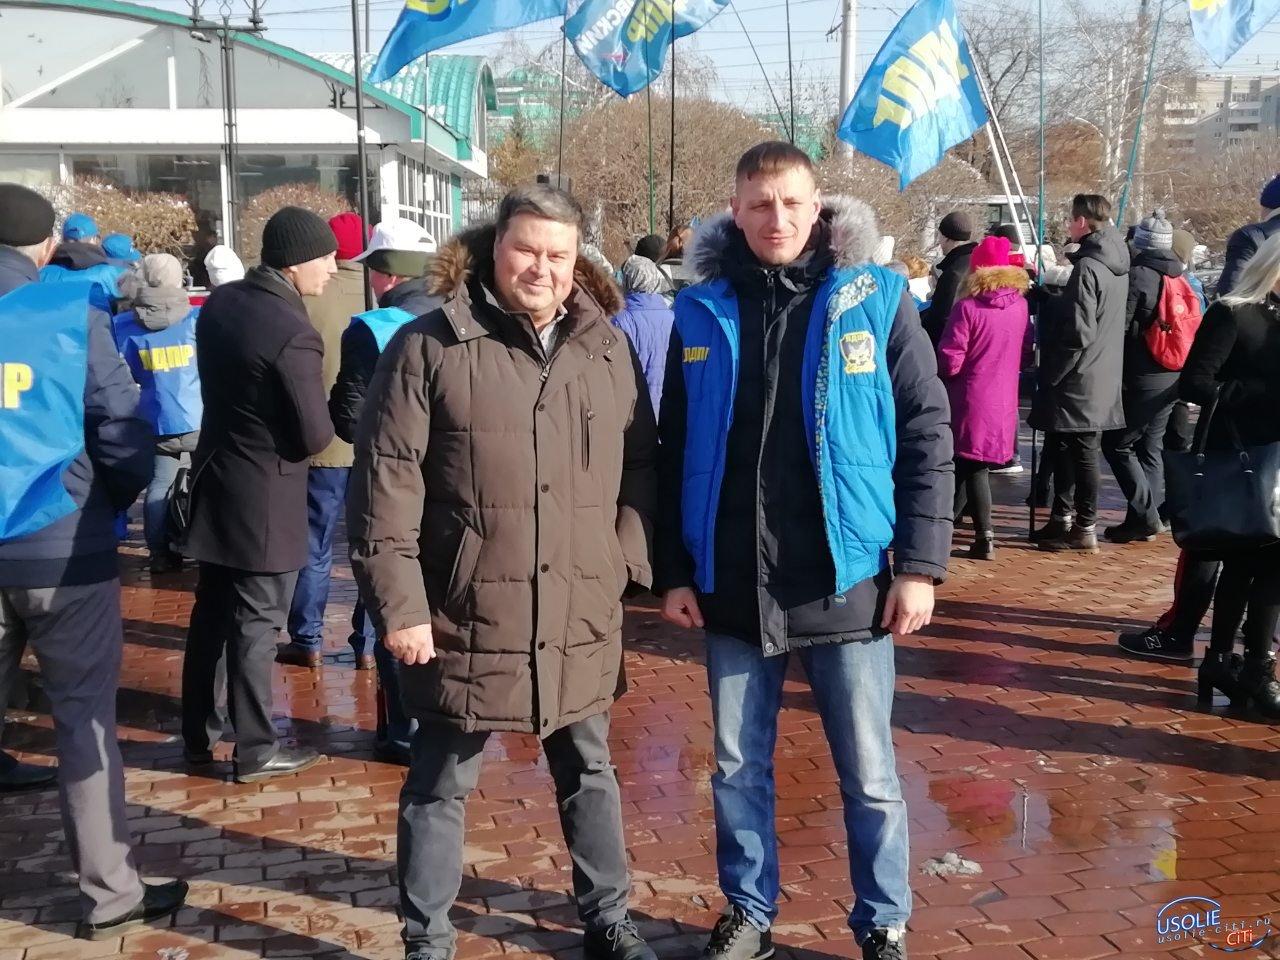 Вадим Кучаров: Усольское отделение ЛДПР поздравило область и город